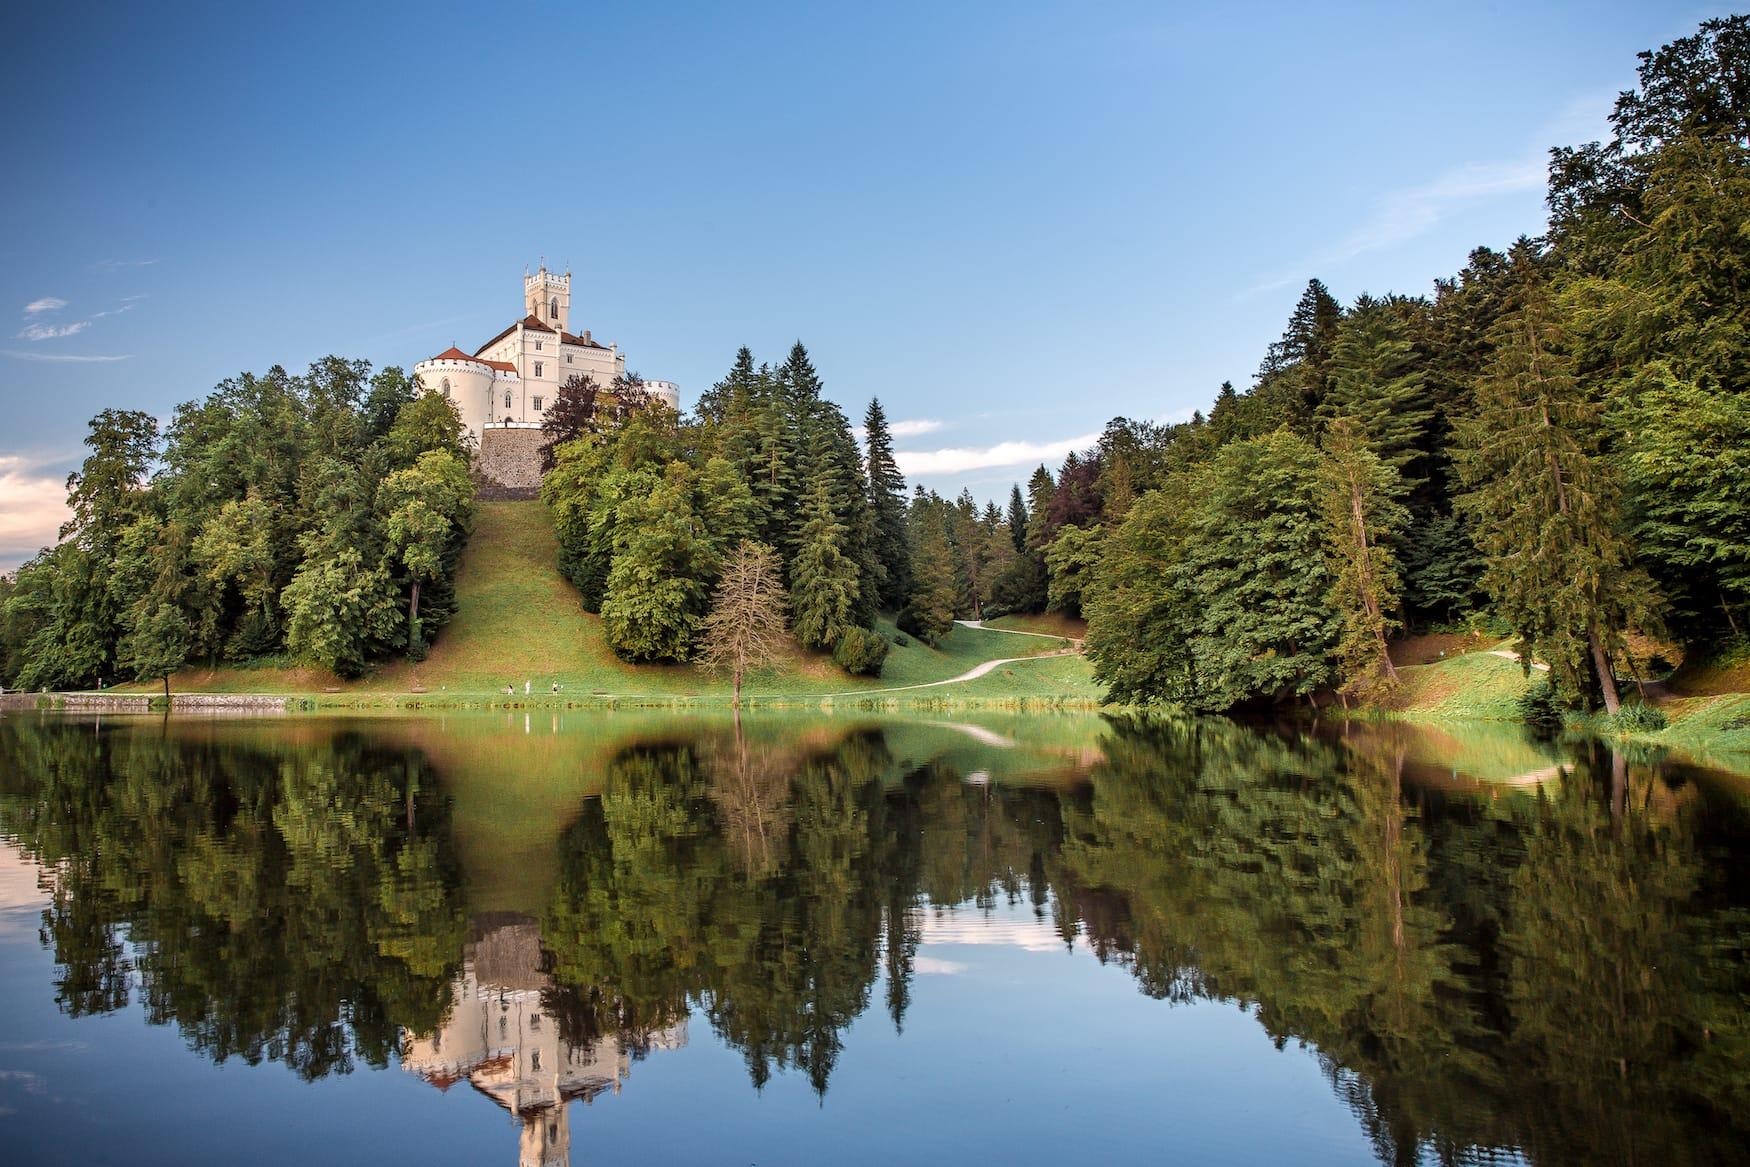 Blick auf die Burg Trakoscan an einem sonnigen Tag